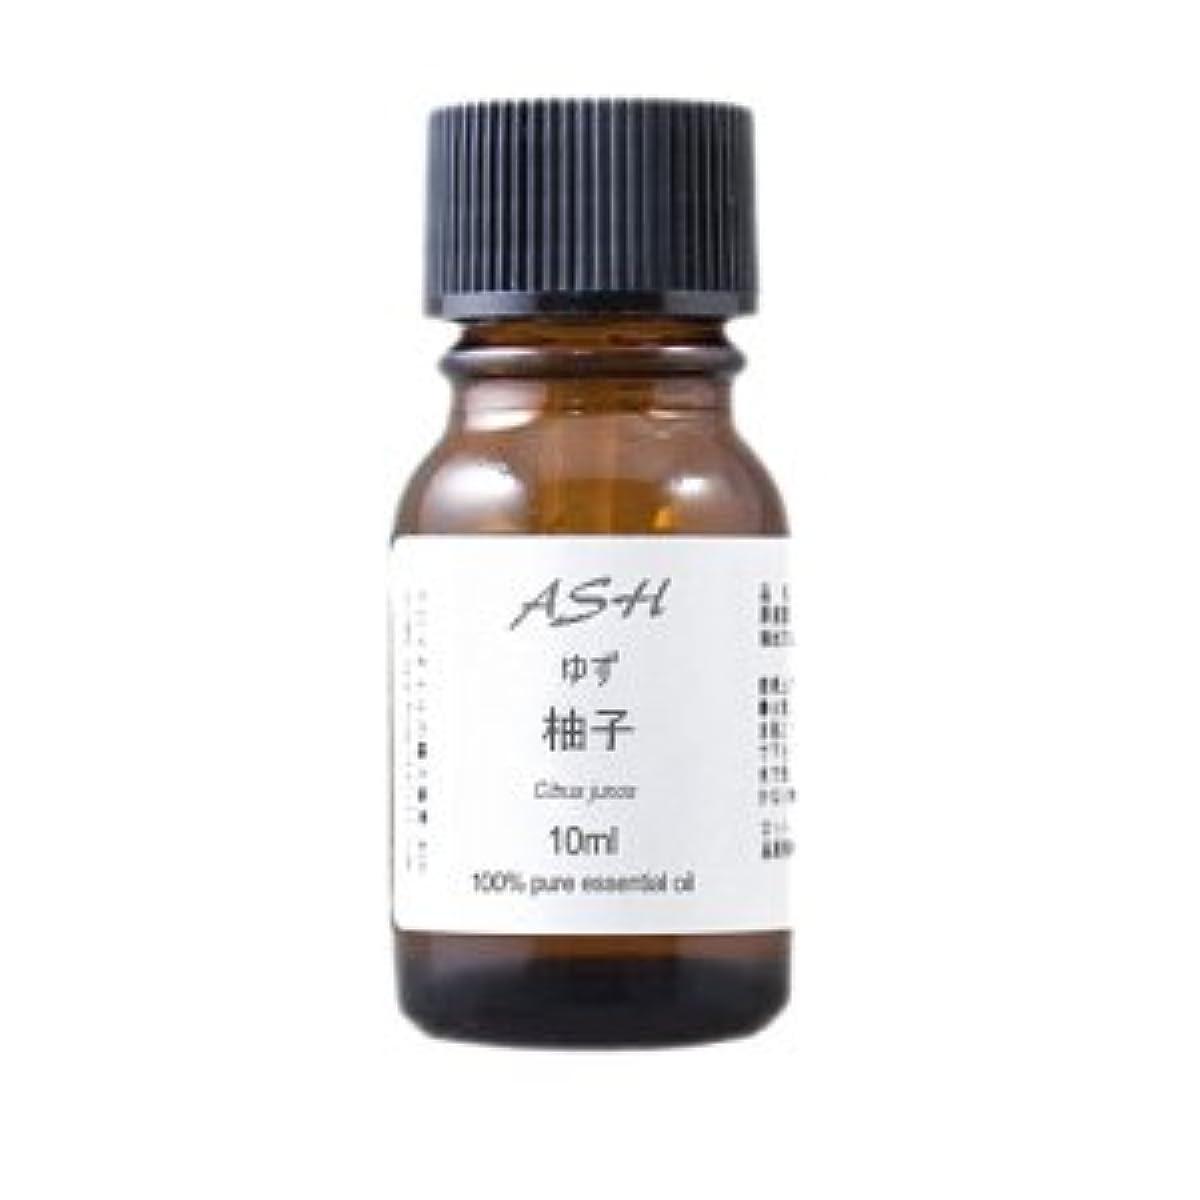 貫通逃げる頭痛ASH 柚子 (ゆず) エッセンシャルオイル 10ml 【和精油】【Yuzu Essential Oil-Japan】 AEAJ表示基準適合認定精油